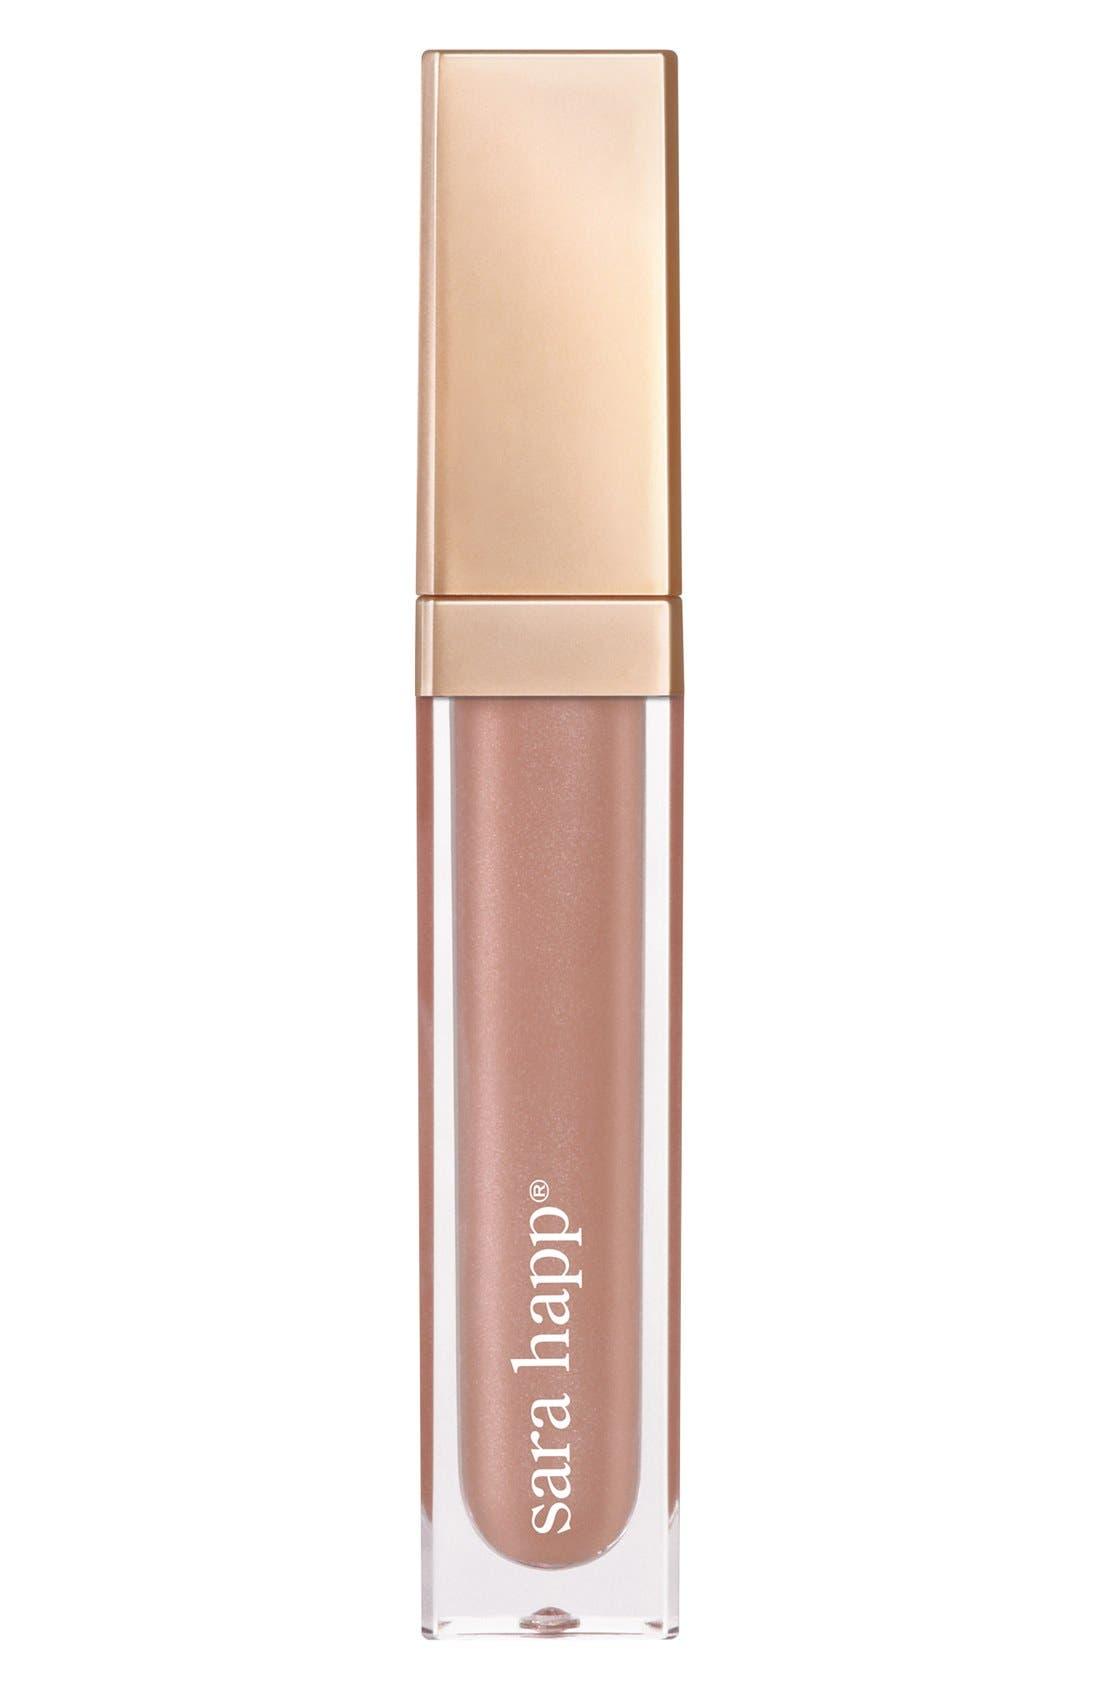 sara happ® One Luxe Gloss